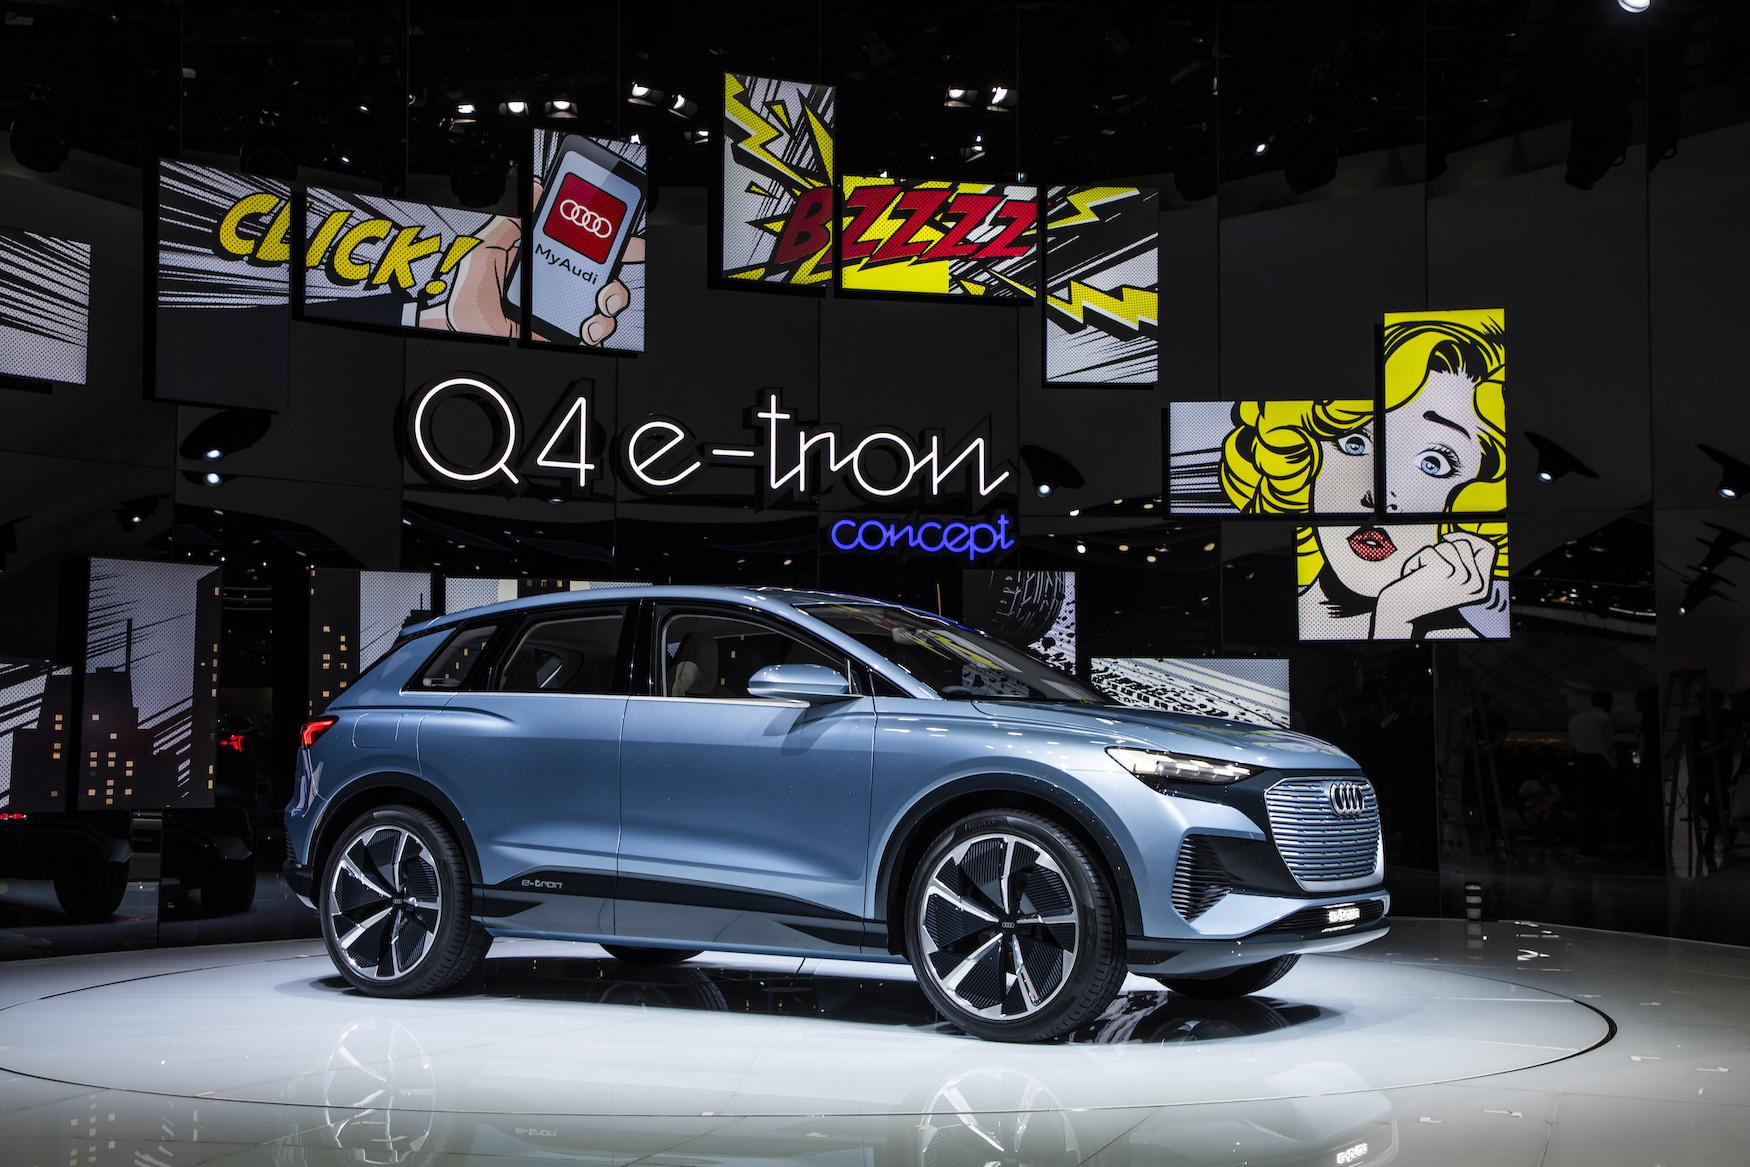 Le Q4e-tronconcept lors de la grande première du printemps au Salon de l'automobile de Genève. (AUDI)